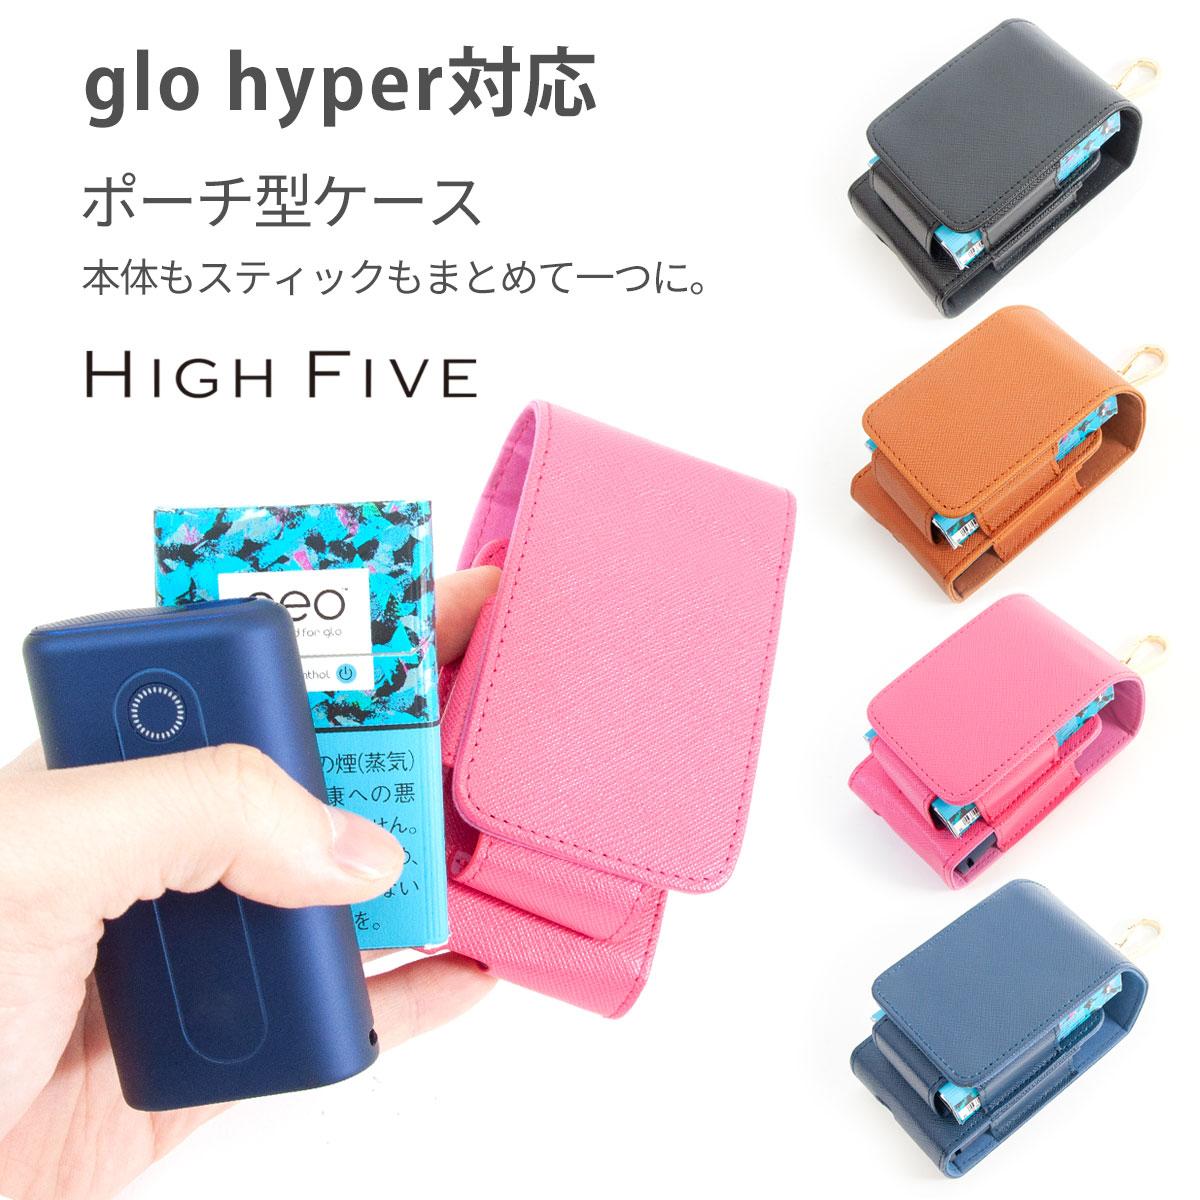 Glo hyper ケース